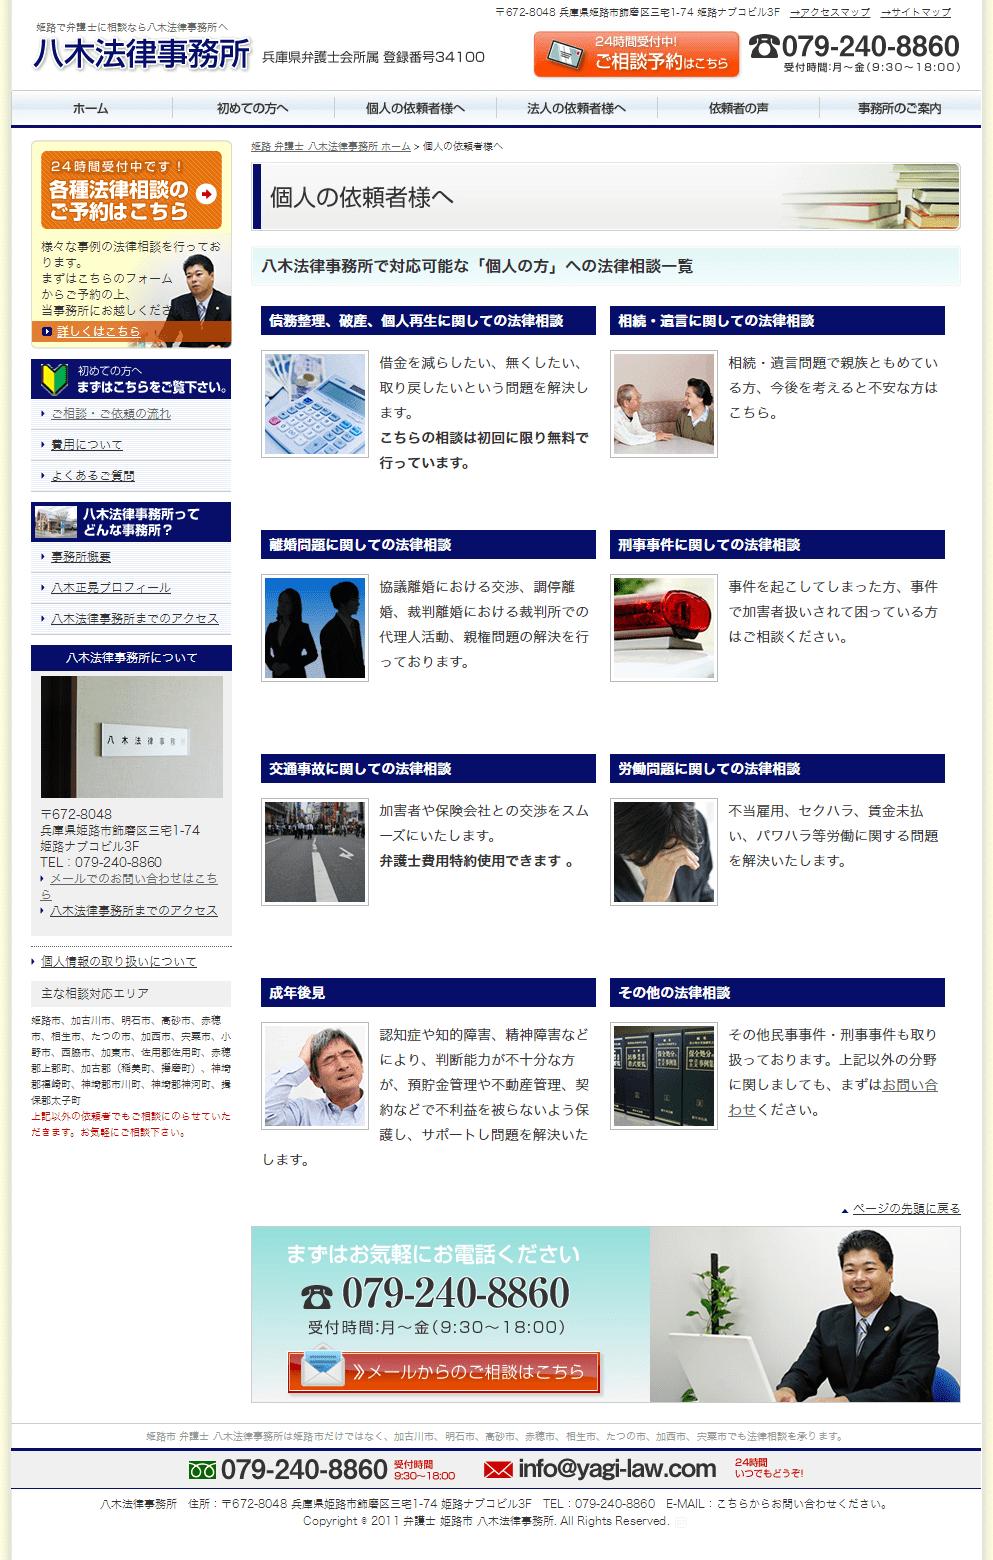 姫路市 八木法律事務所様 ホームページ制作2